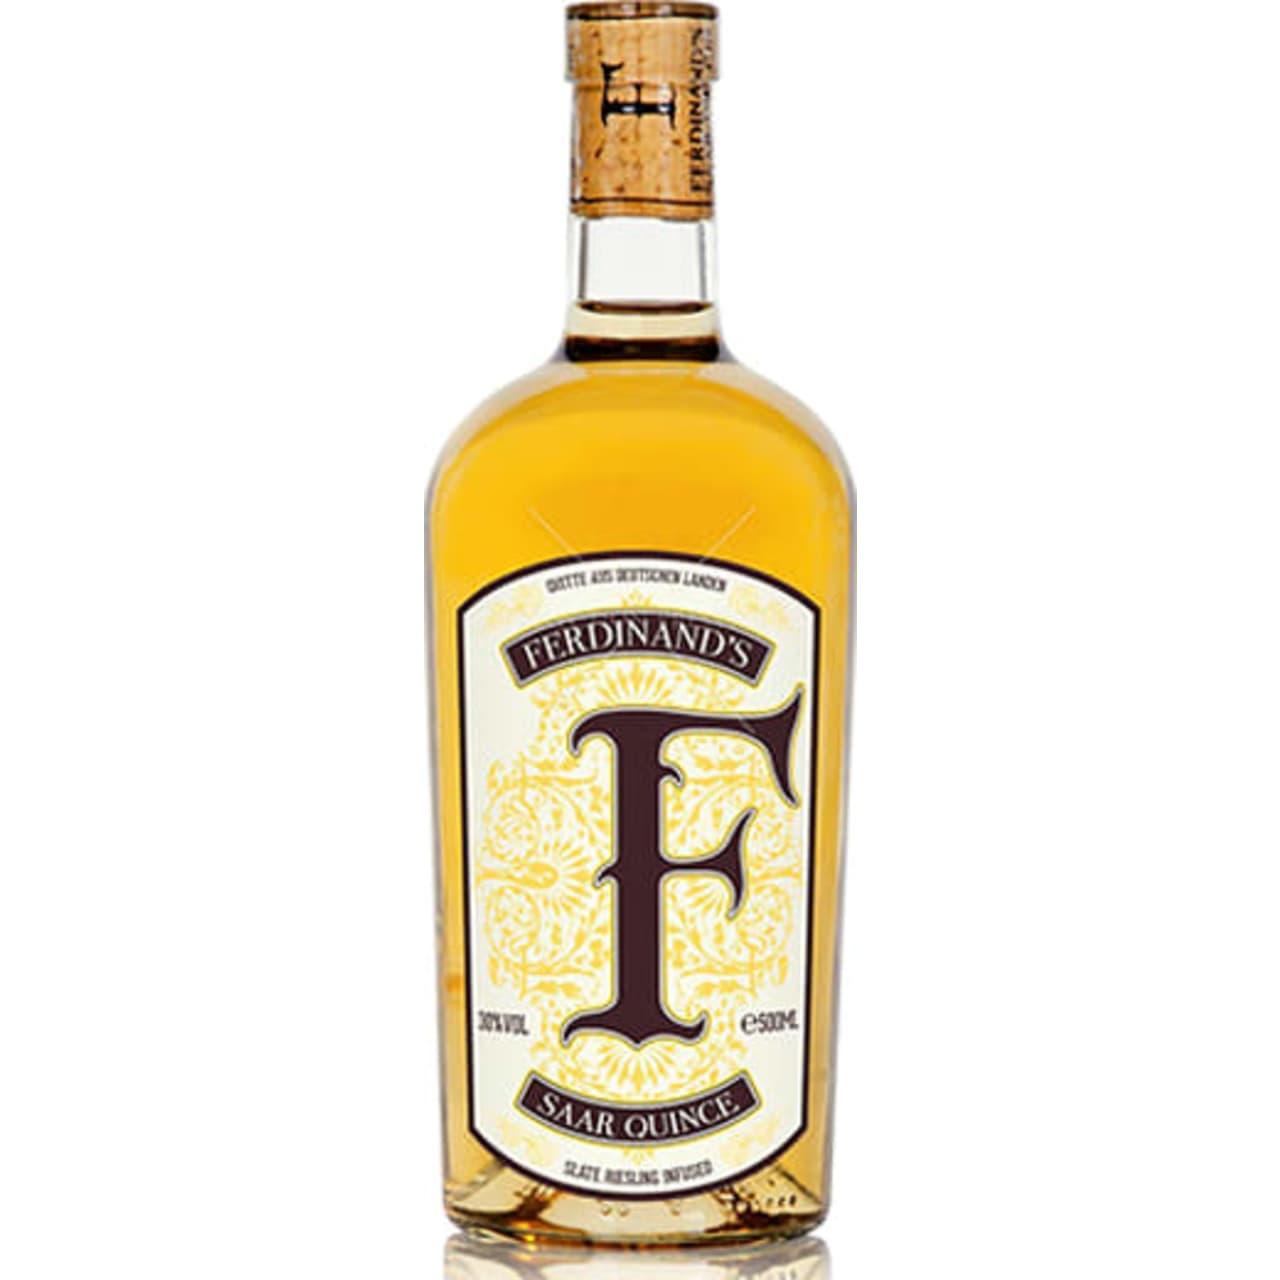 Product Image - Ferdinand's Saar Quince Gin